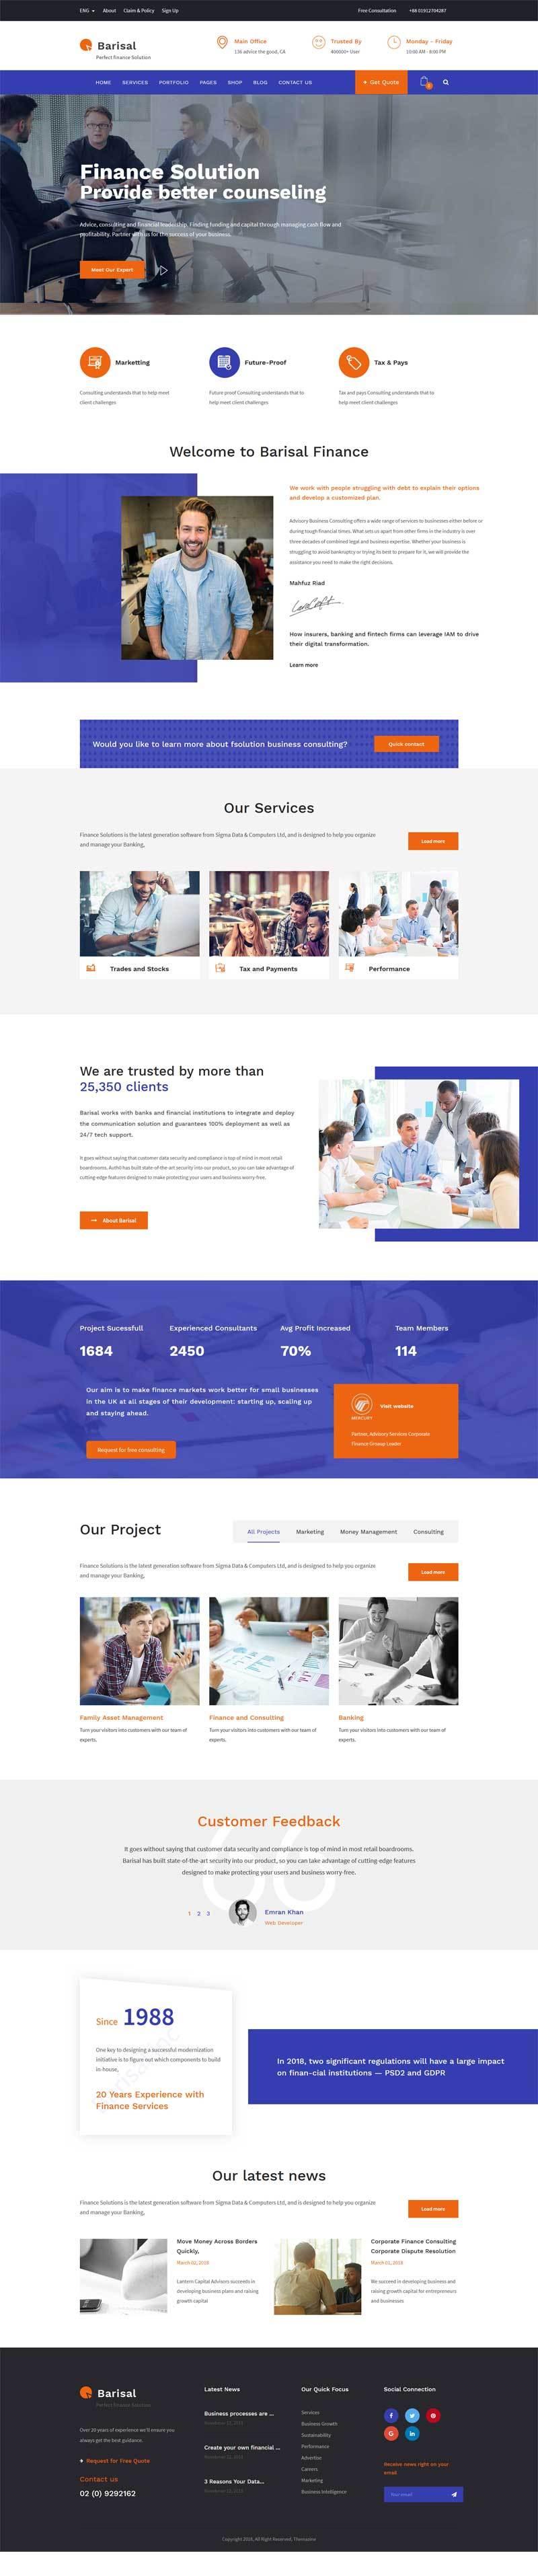 响应式的商业金融投资服务咨询公司网站模板